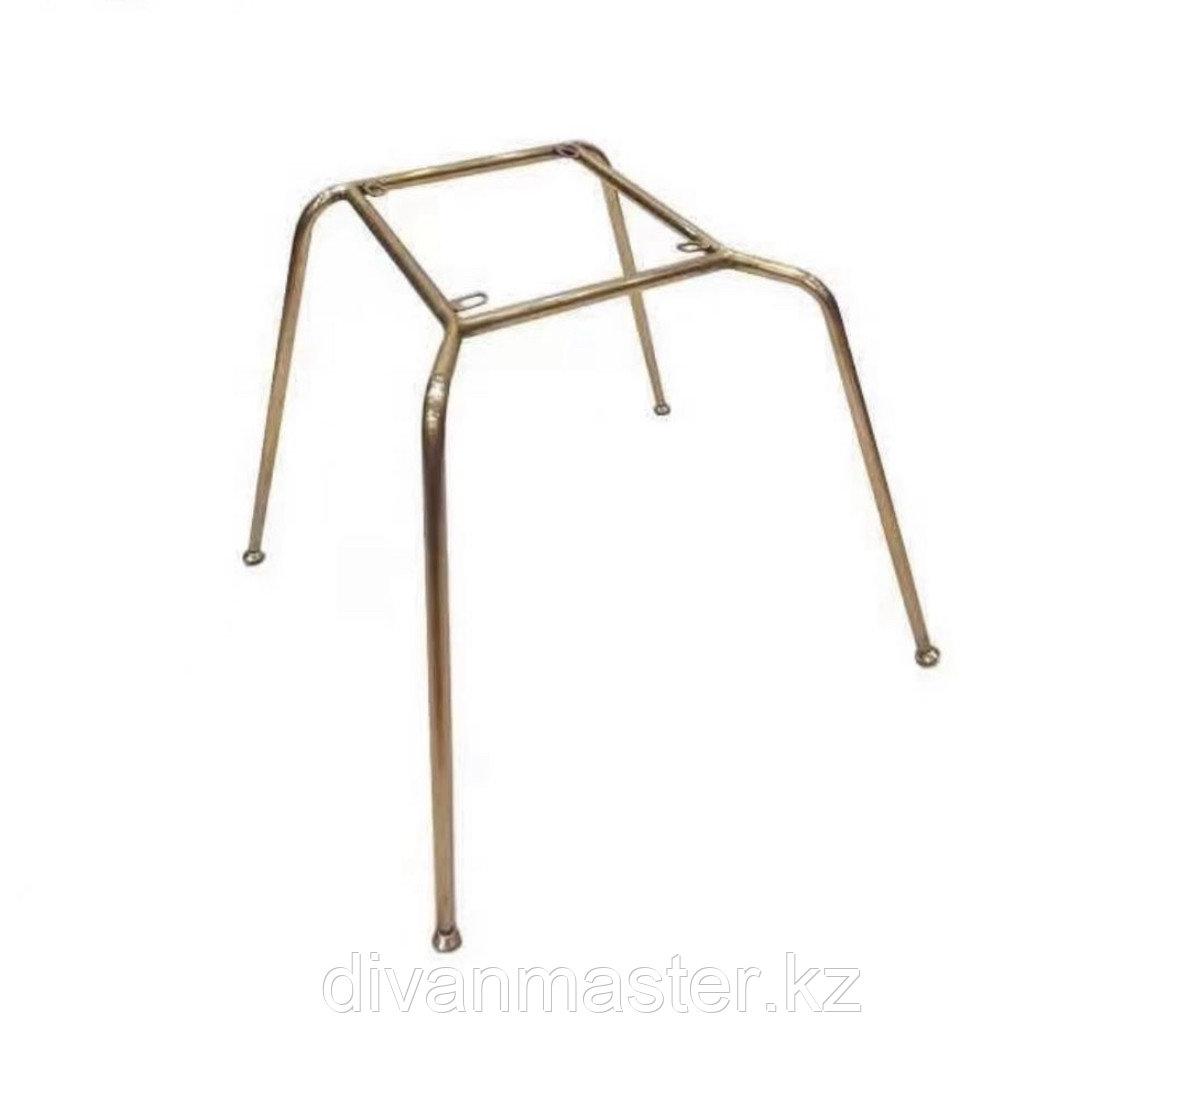 Основание стула, сталь, высота 40 см, цвет латунь